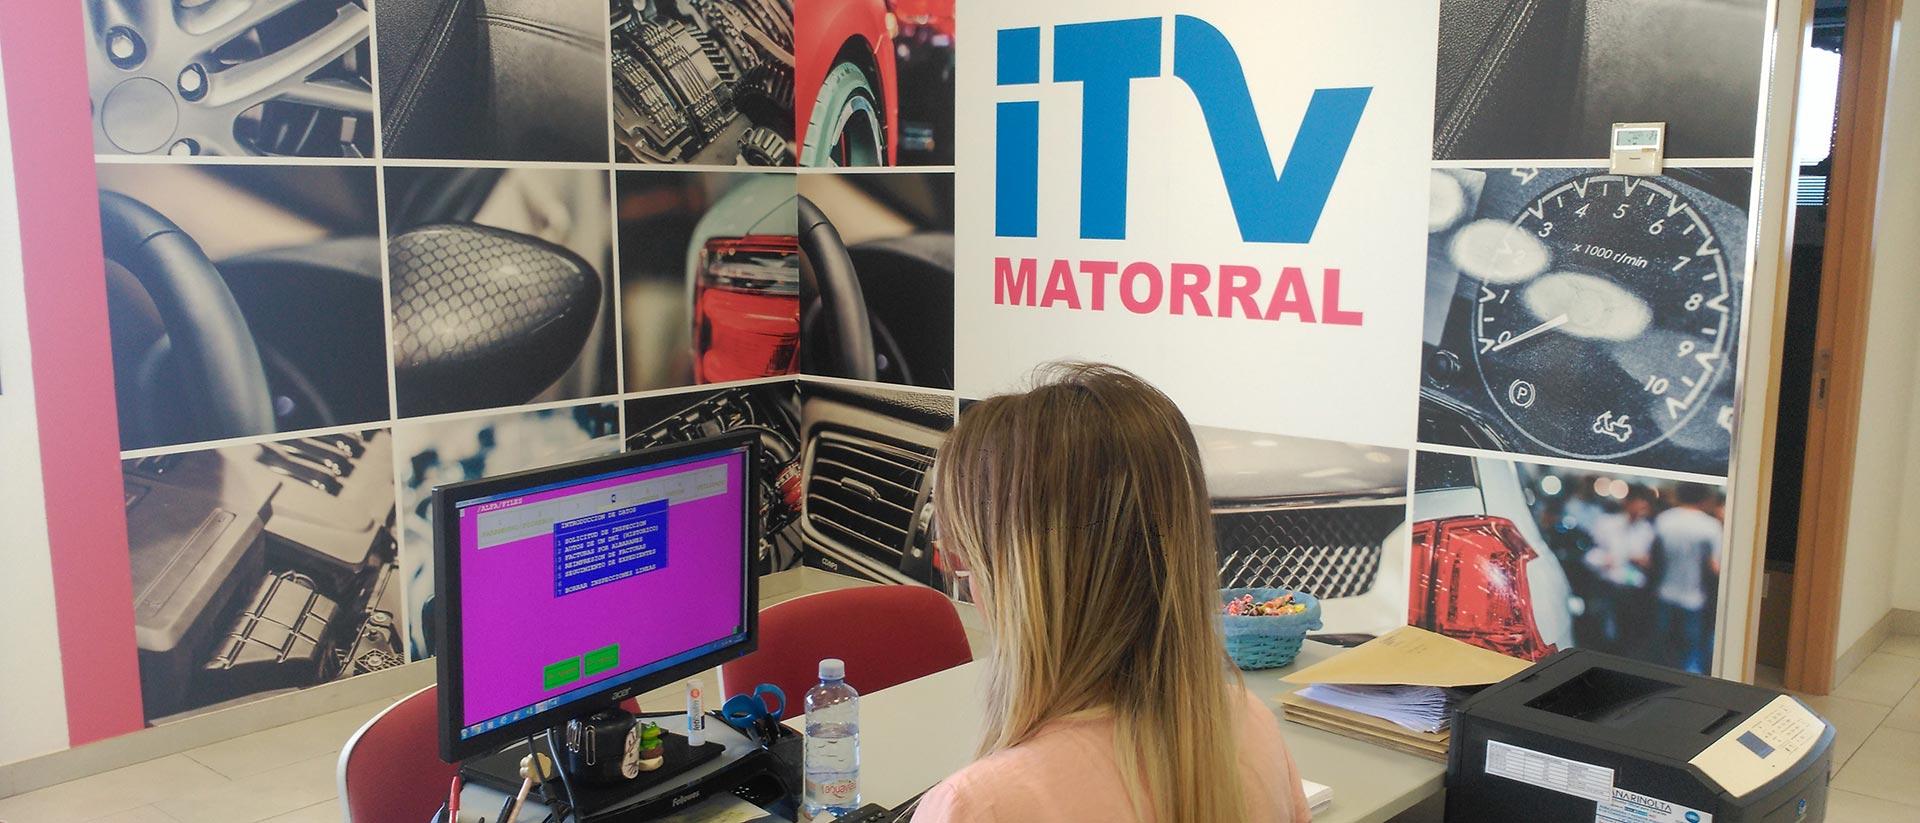 ITV MATORRAL FUERTEVENTURA PIDE CITA PREVIA ONLINE